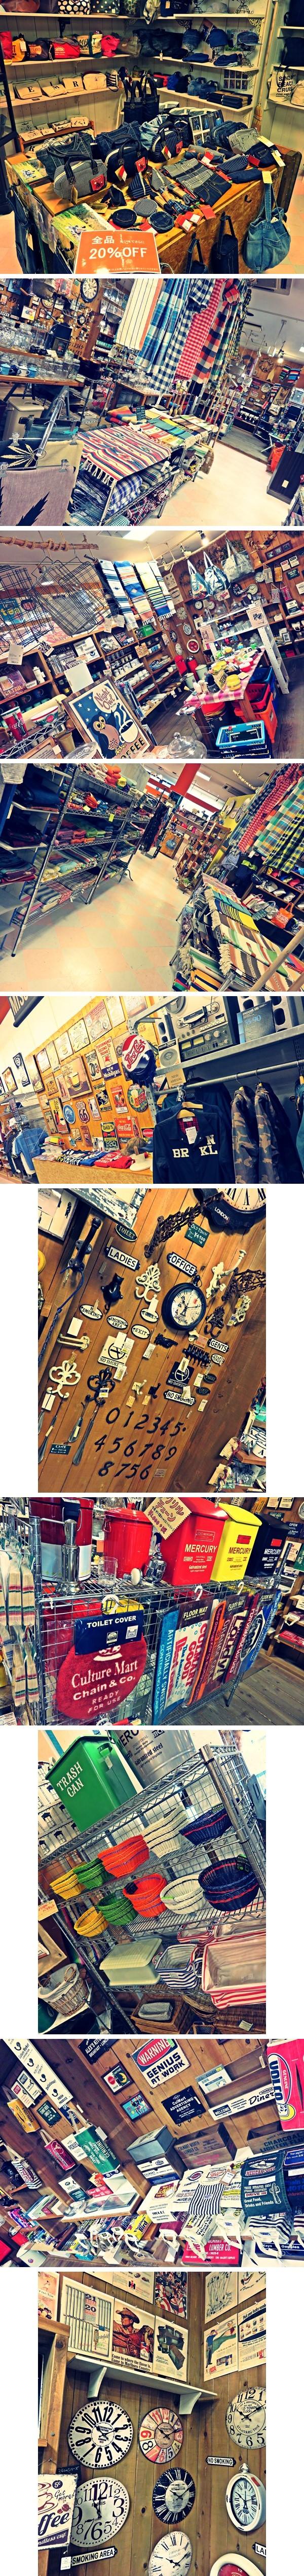 2015-09-17 店内 25周年記念祭 004 ビンテージ ブログ用-vert 雑貨 1